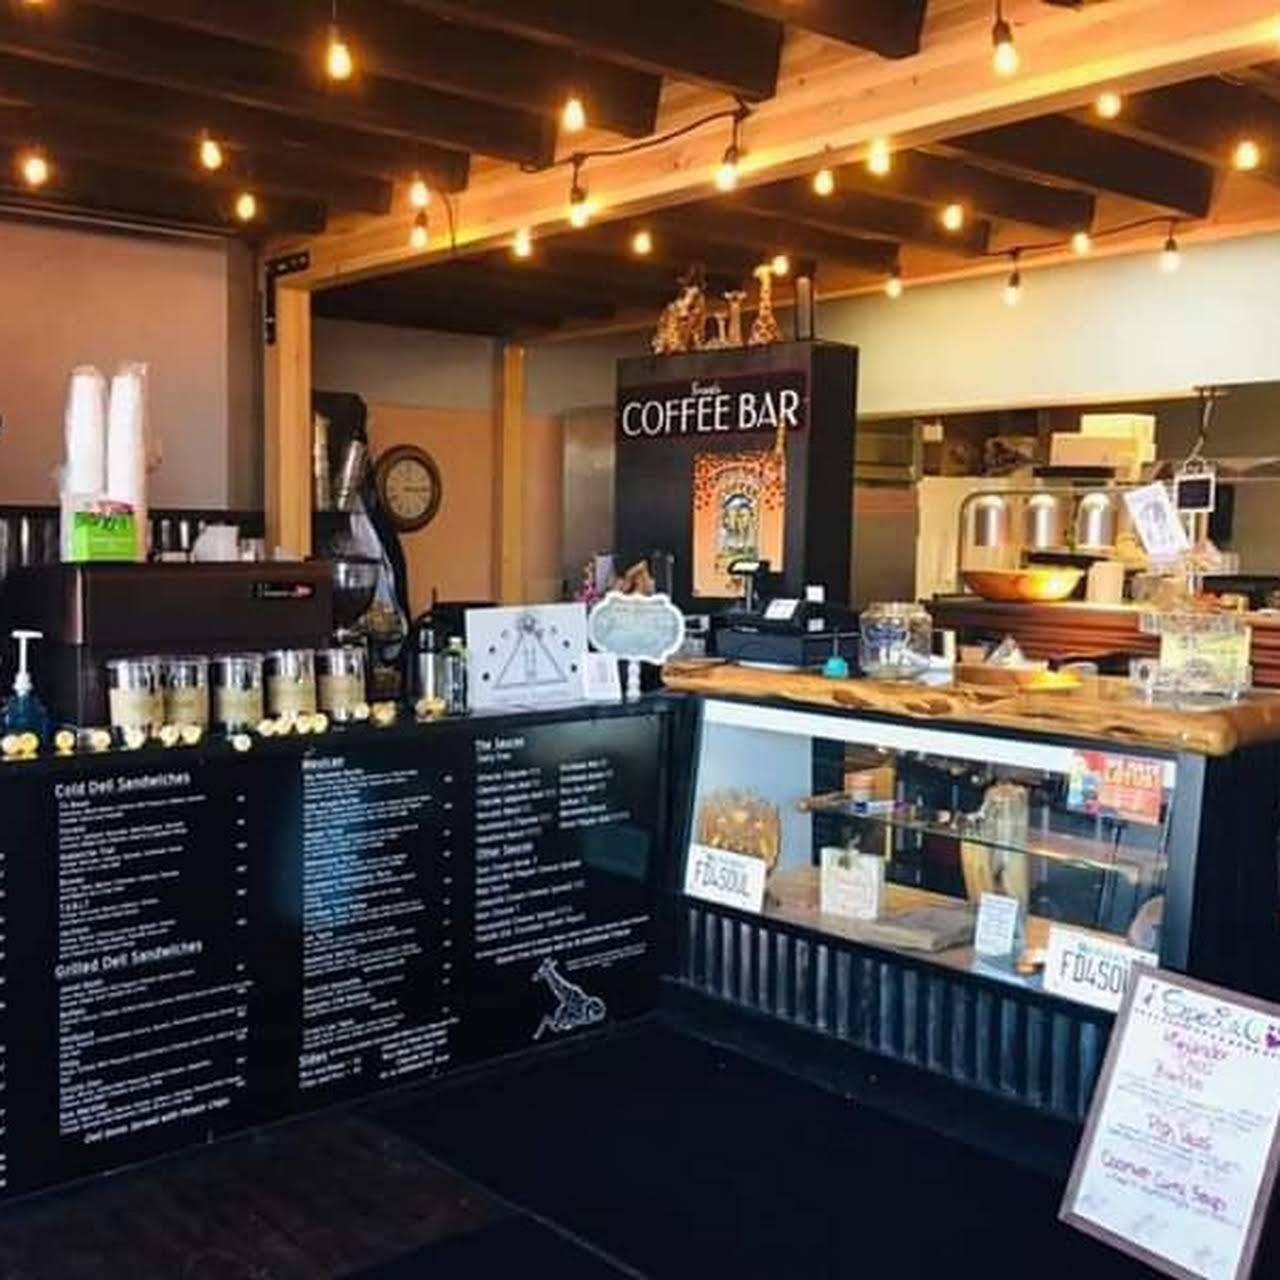 Food For the Soul - Restaurant in Kalispell